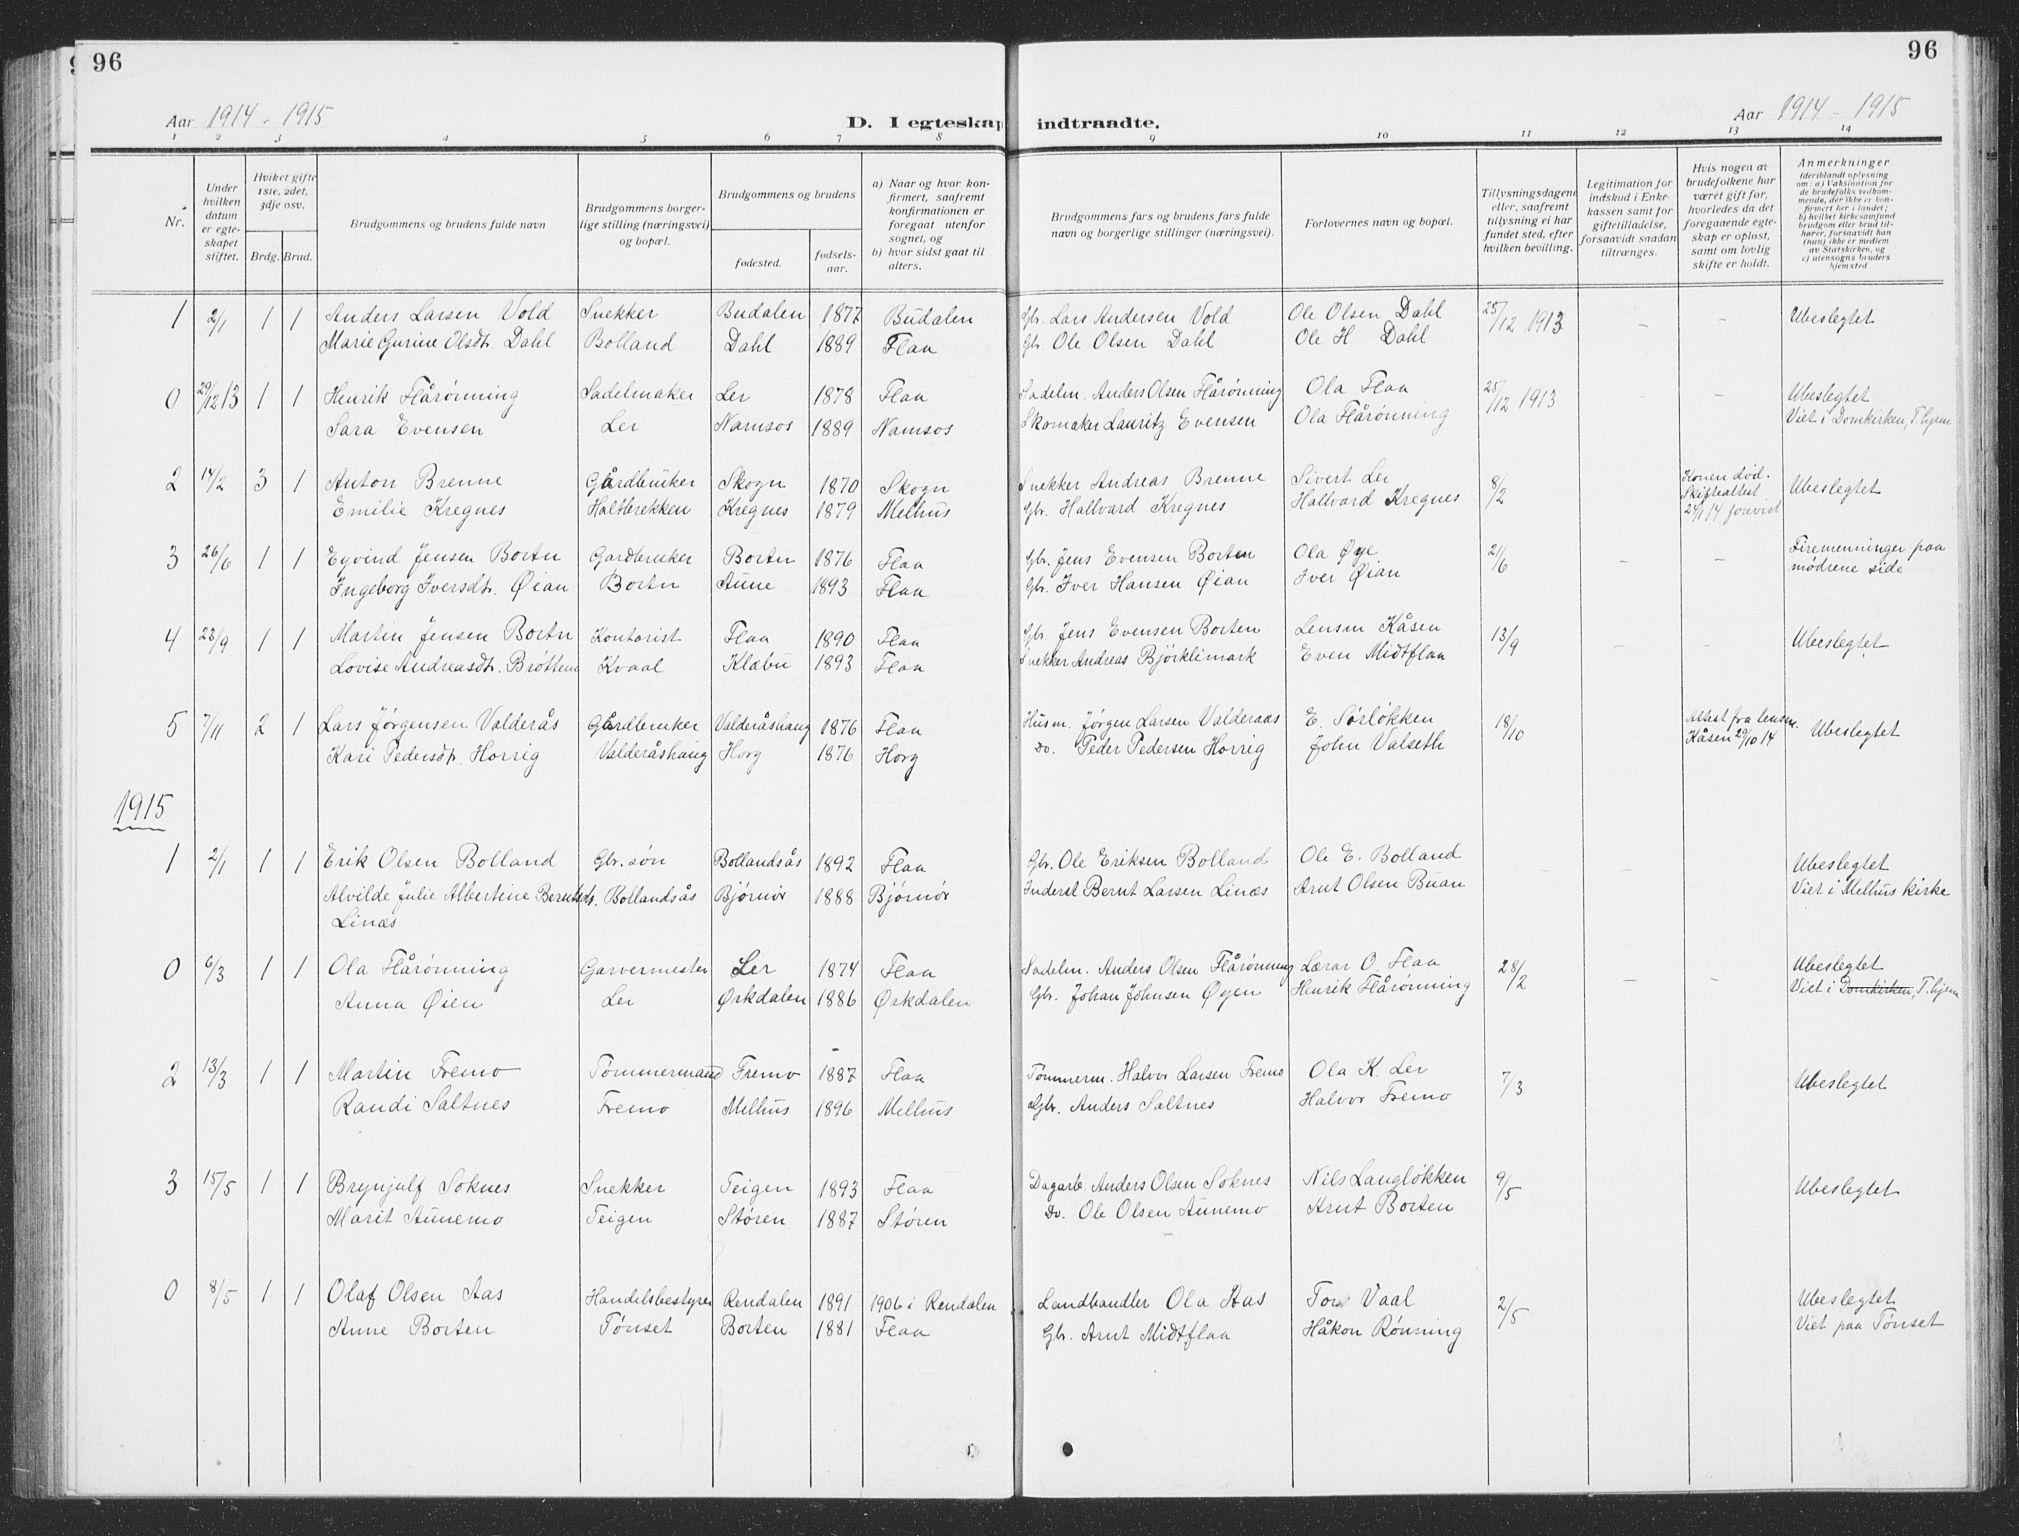 SAT, Ministerialprotokoller, klokkerbøker og fødselsregistre - Sør-Trøndelag, 693/L1124: Klokkerbok nr. 693C05, 1911-1941, s. 96